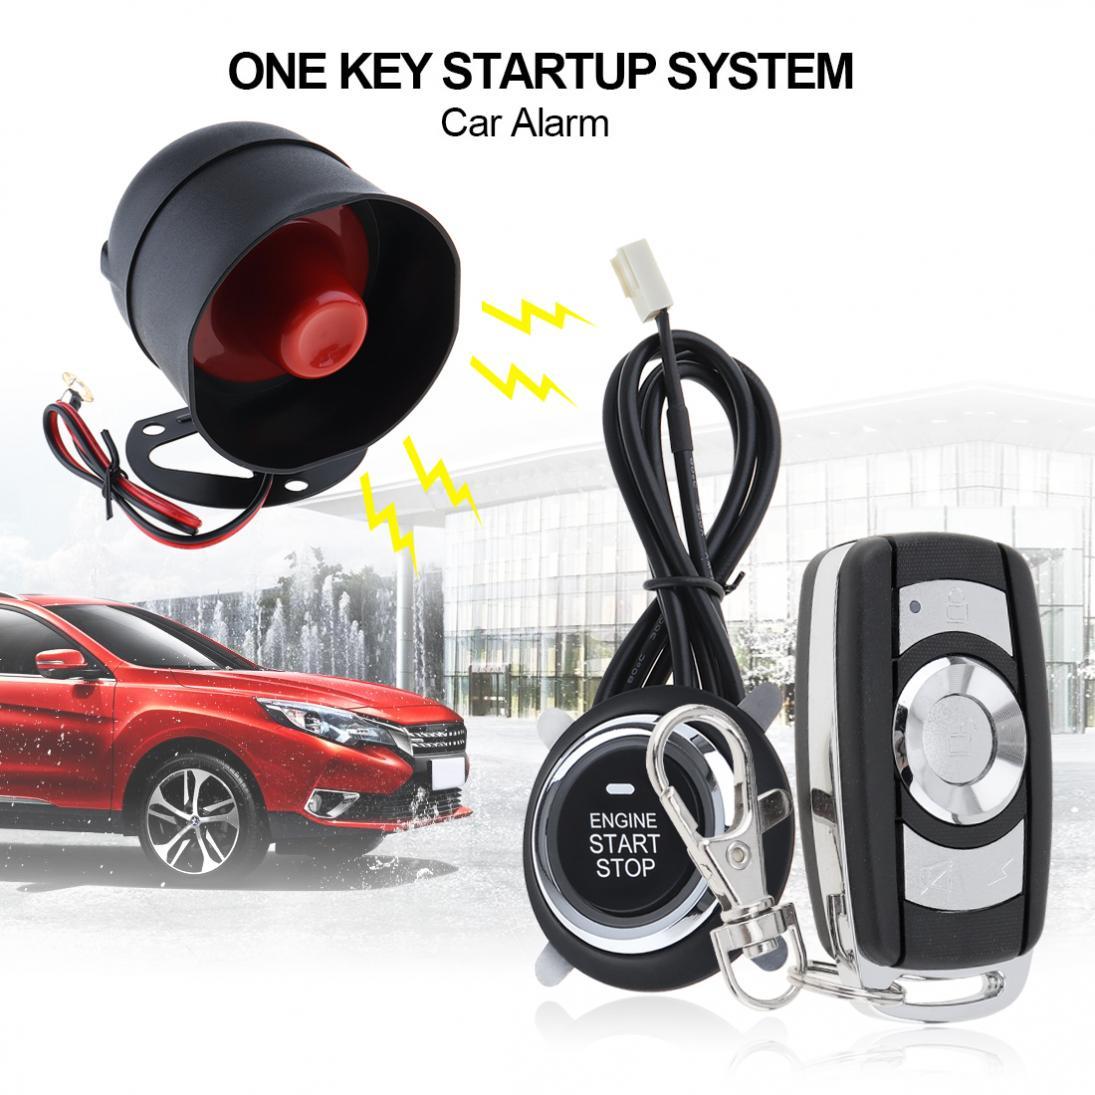 Système d'alarme de voiture universel ABS 12 V système d'arrêt de démarrage à distance avec verrouillage Central automatique et entrée sans clé 5A avec clé 2